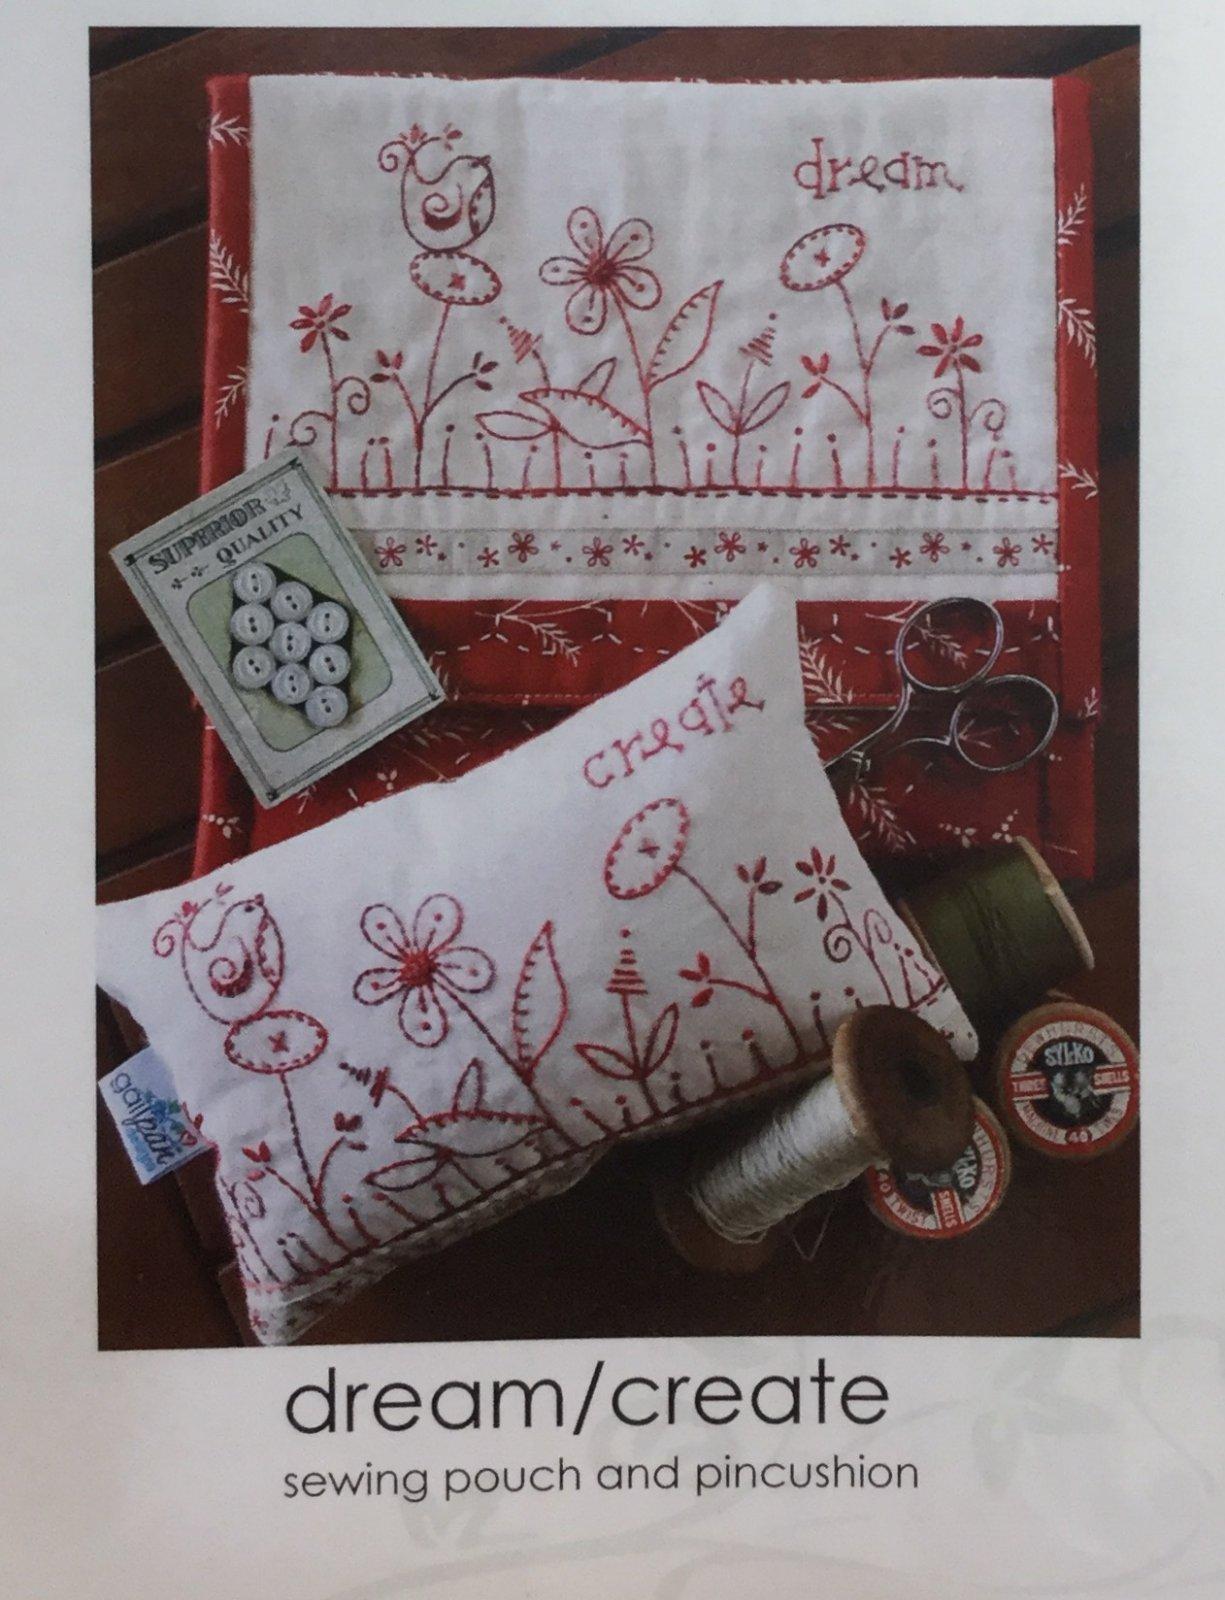 Dream/Create by Gail Pan